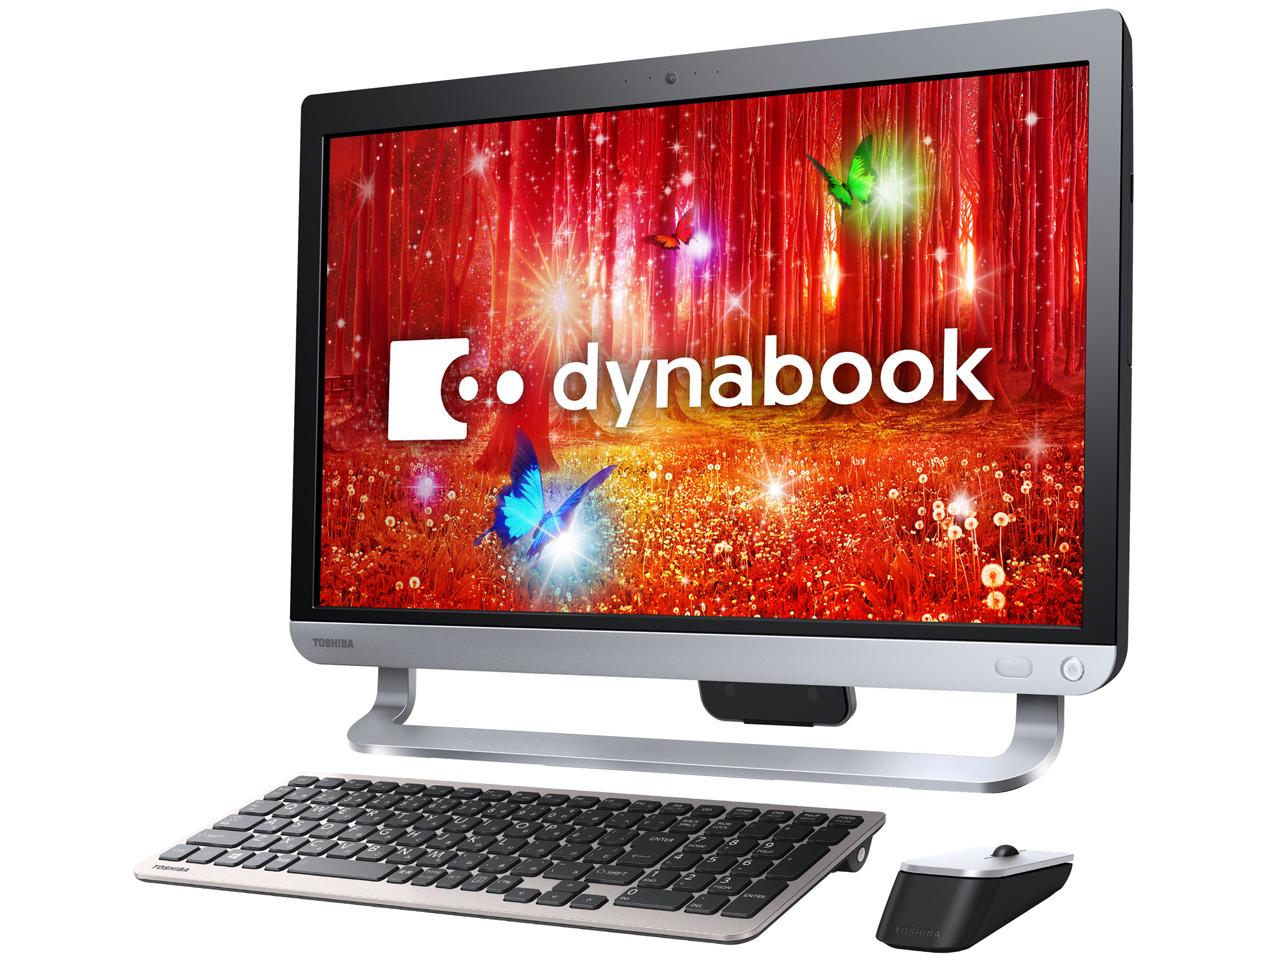 ノートパソコン office付き 新品 同様 訳あり 東芝 dynabook D61/T PD61TBP-BWAWin10 Home 64bit Core i7-4710MQOffice H&B Pプラス Office365サービス21.5 フルHD液晶 8GB 2TB BD